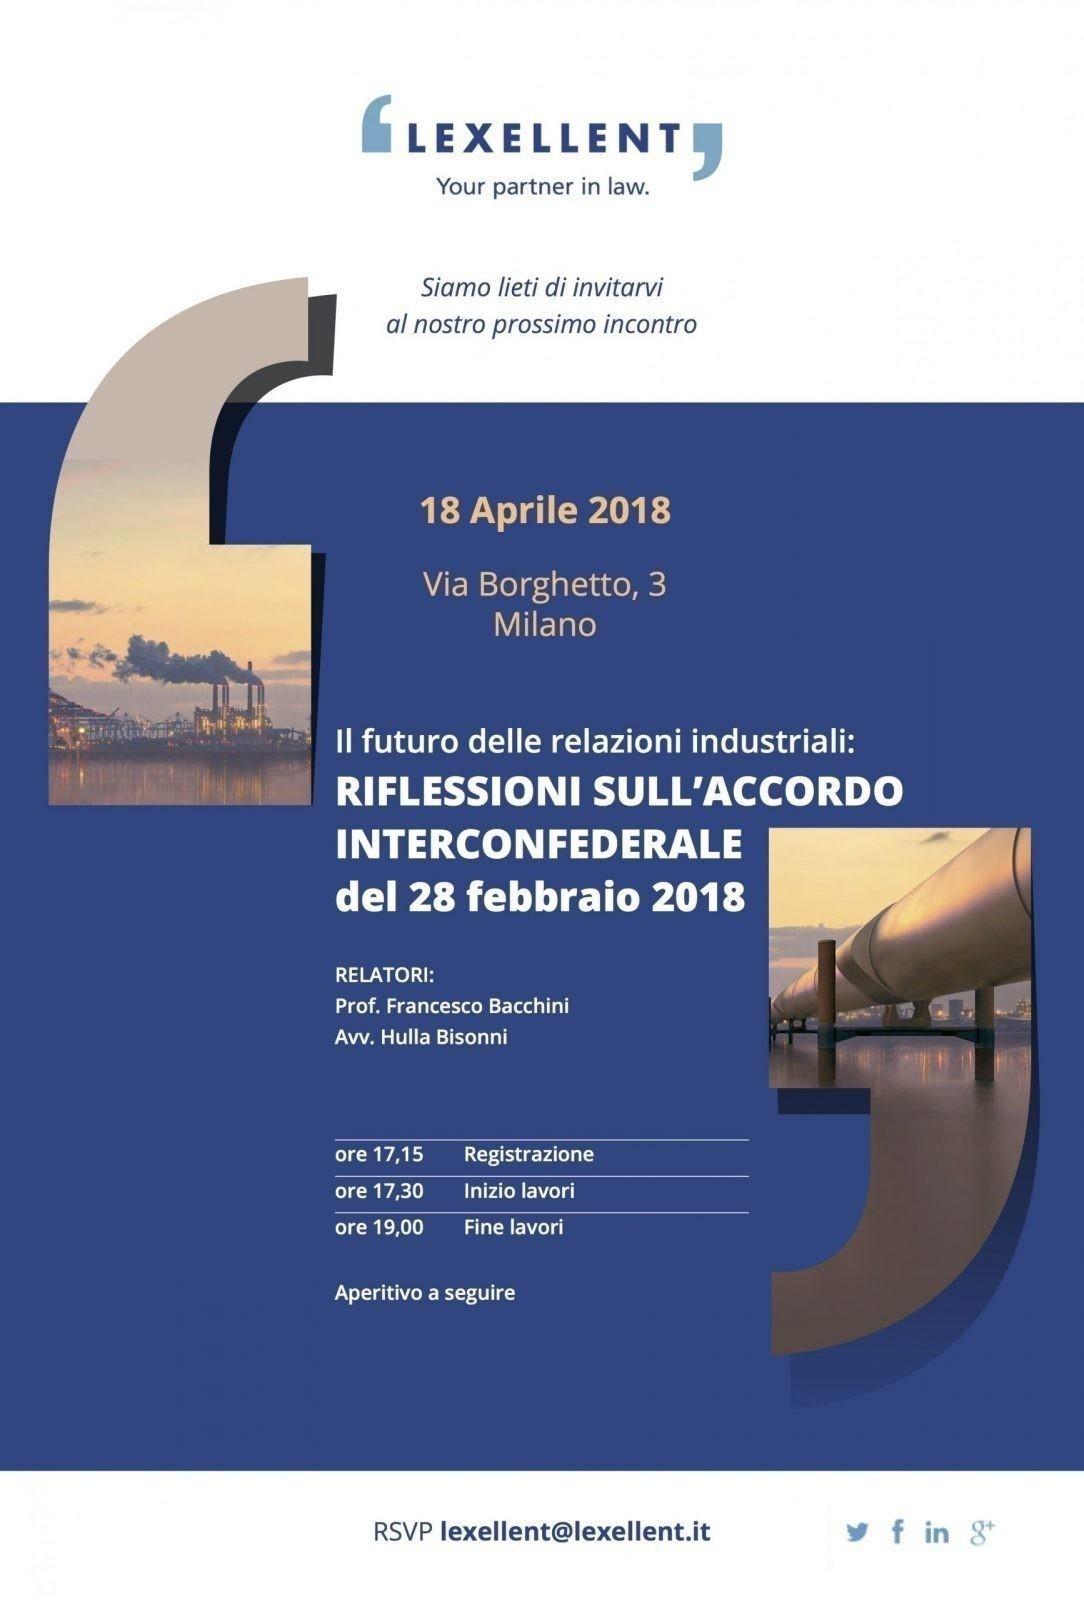 Il futuro delle relazioni industriali: riflessioni sull'Accordo Interconfederale del 28 febbraio 2018 – i contenuti dell'incontro